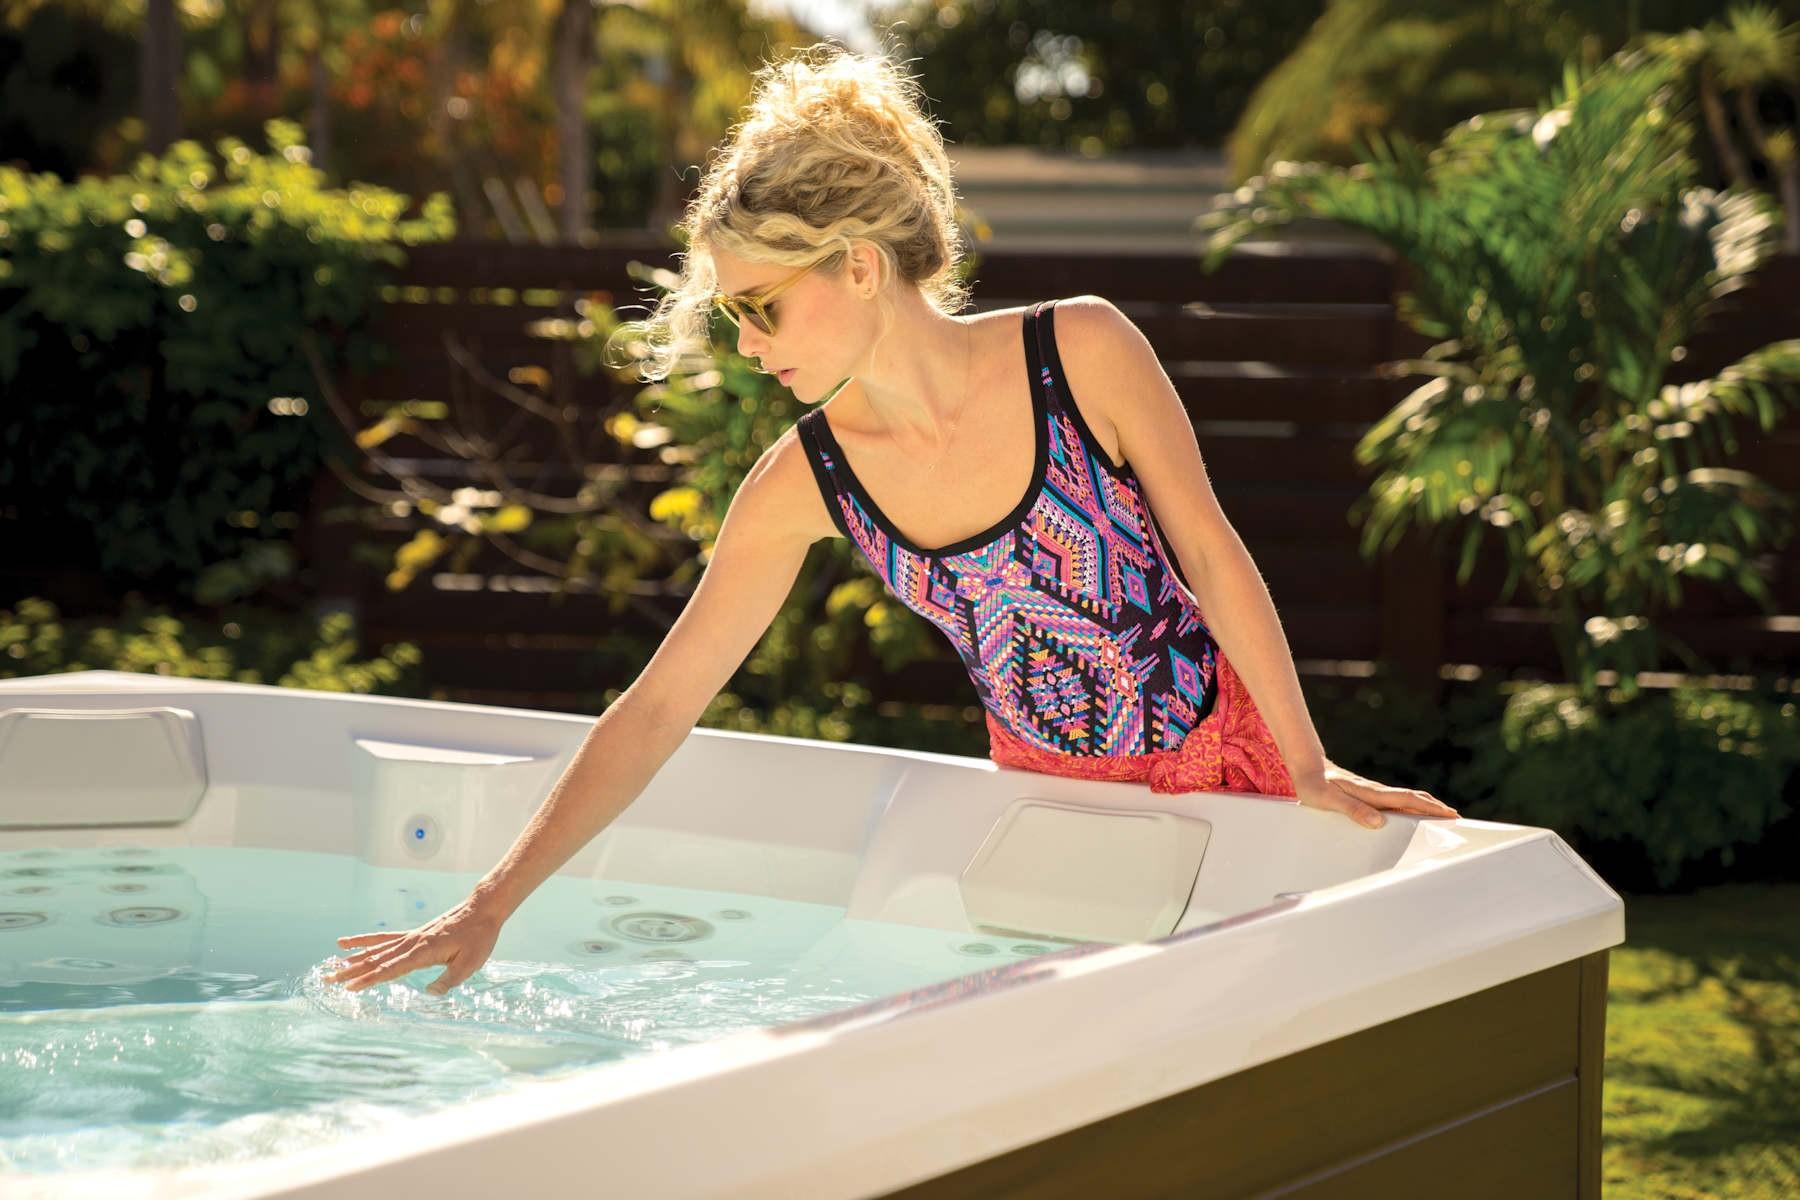 Comment Fonctionne Un Jacuzzi Gonflable 12 conseils pour changer l'eau de votre jacuzzi